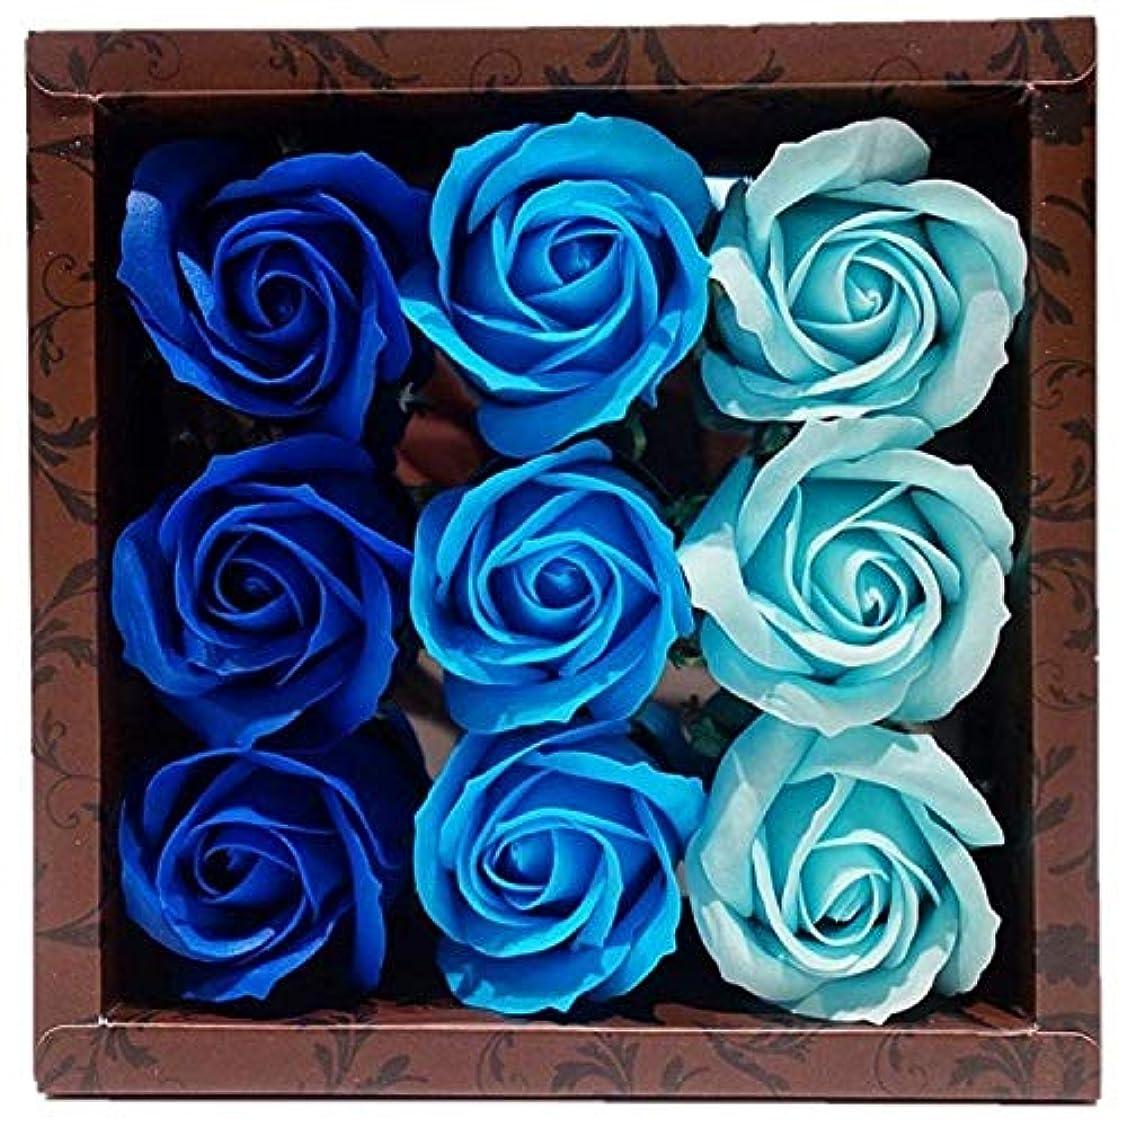 起きる封建枯渇バスフレグランス バスフラワー ローズフレグランス ブルーカラー ギフト お花の形の入浴剤 ばら